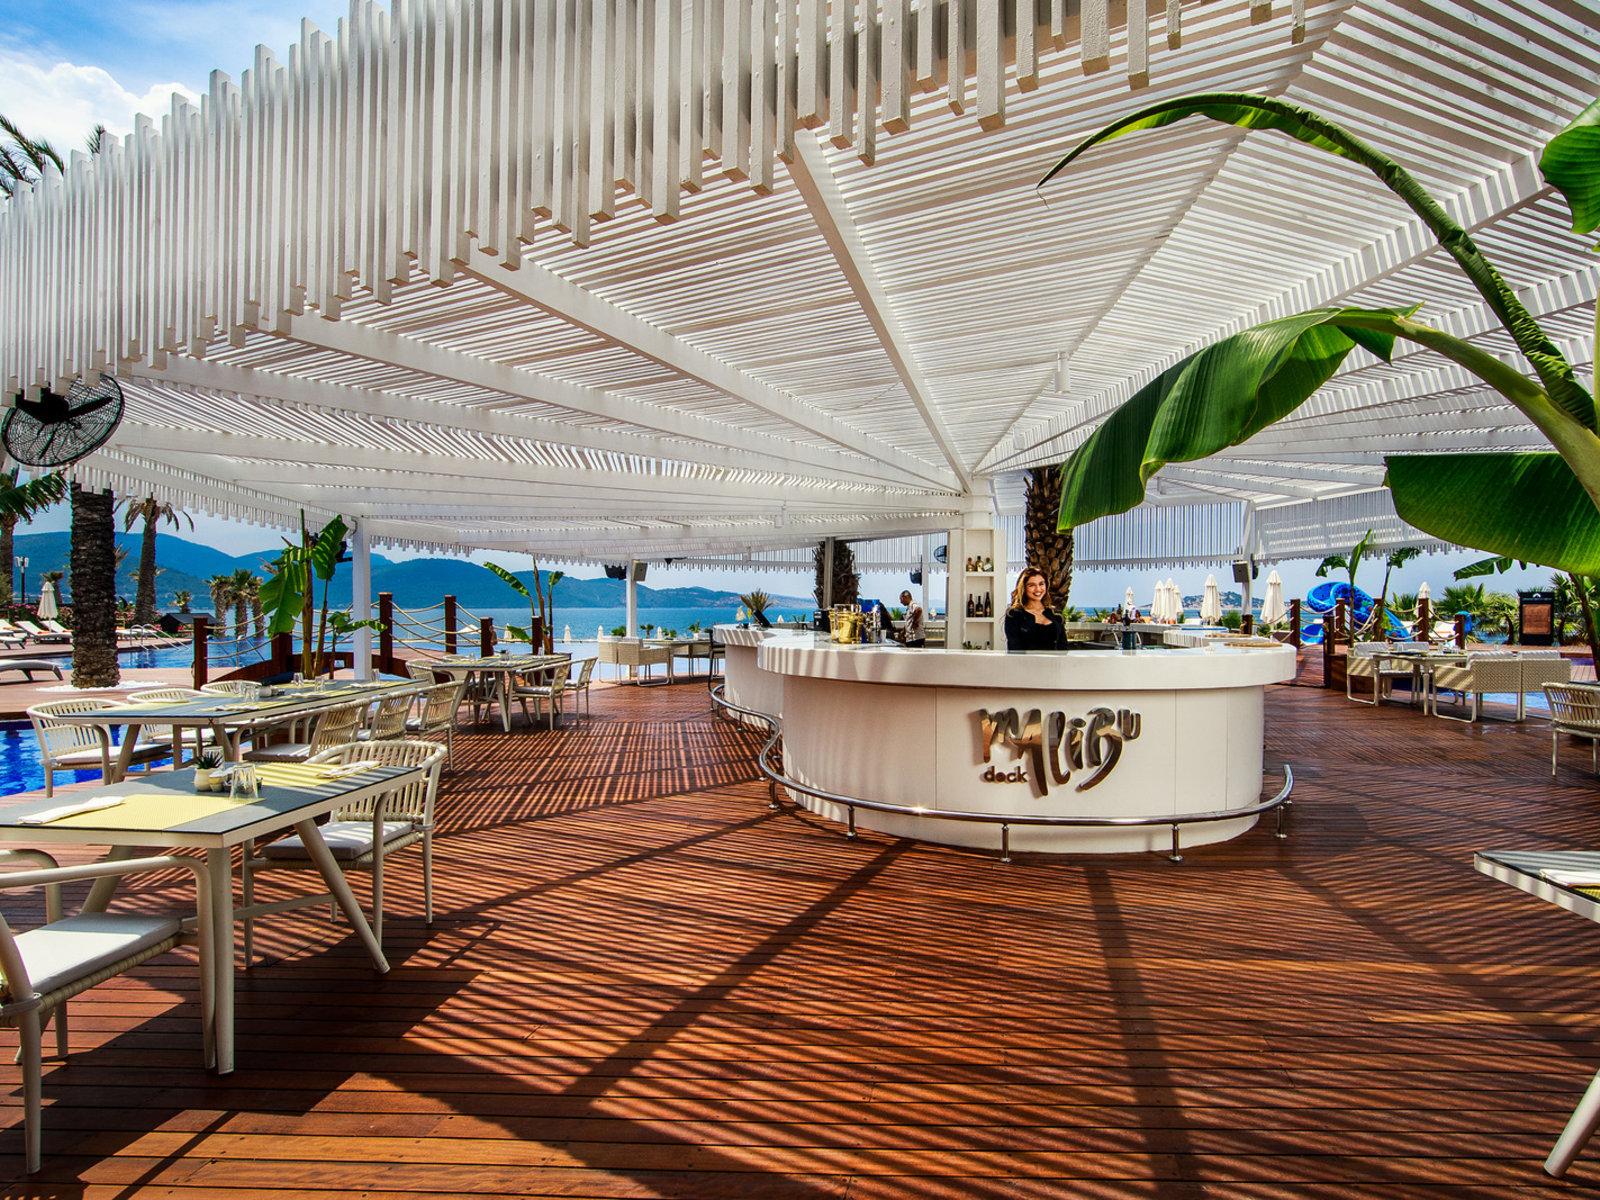 Malibu Deck